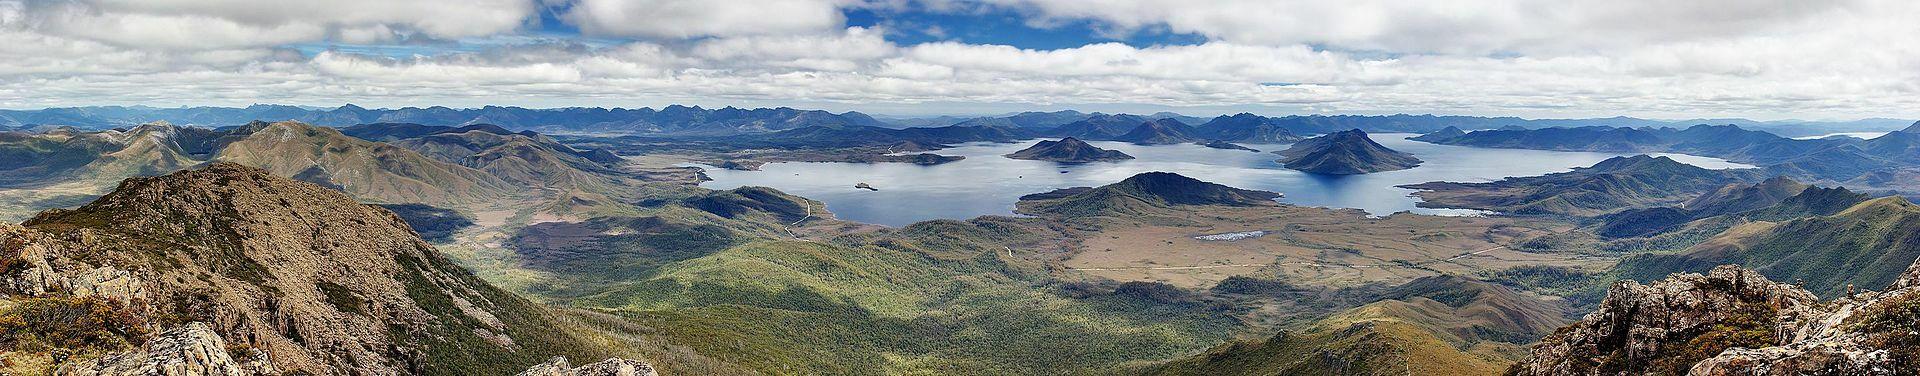 Lake Pedder from Mount Eliza